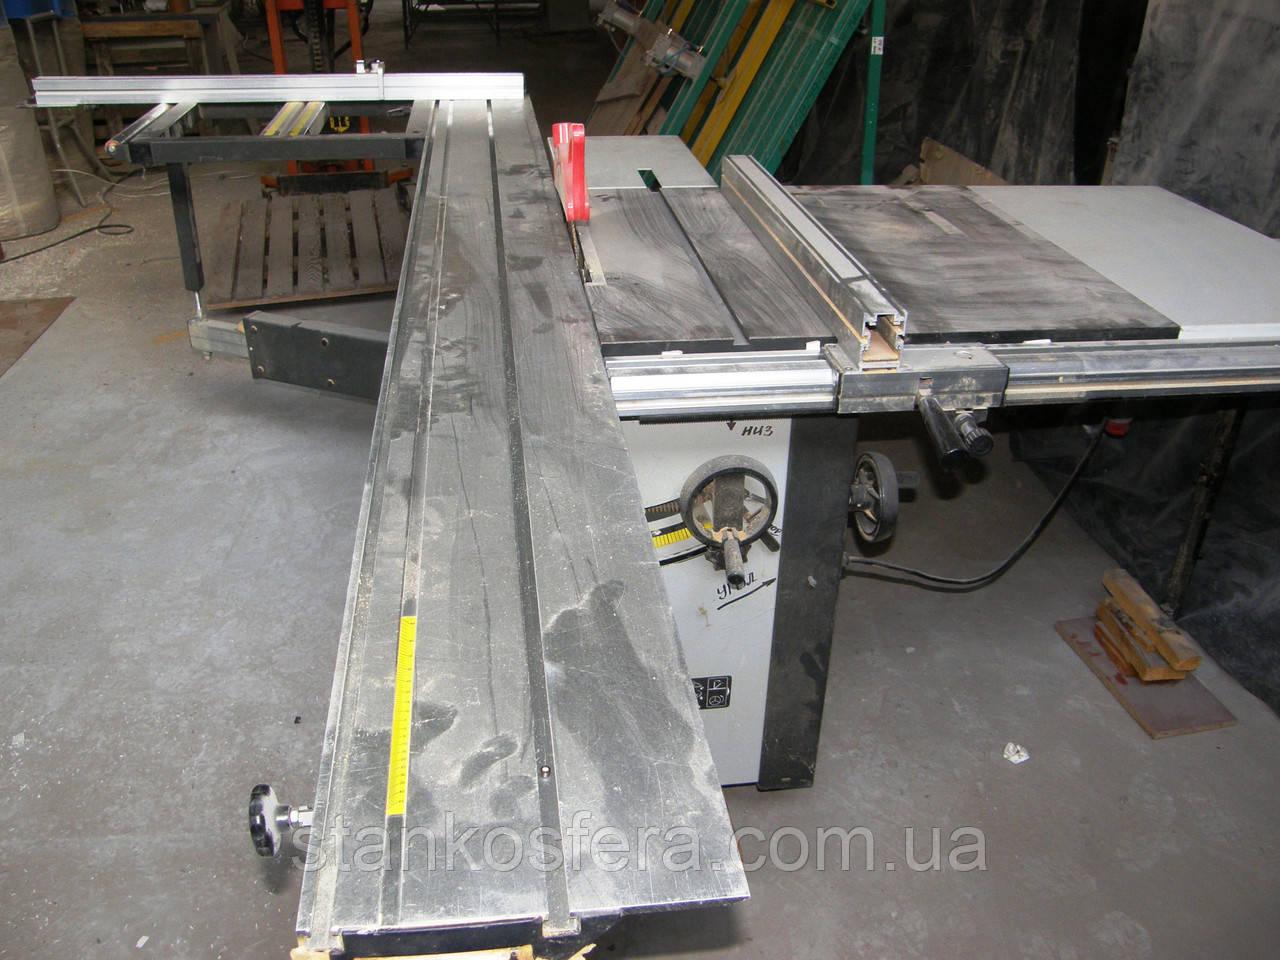 Форматно-раскроечный станок Zenitech FR2800 бу 2010, каретка 2800 мм